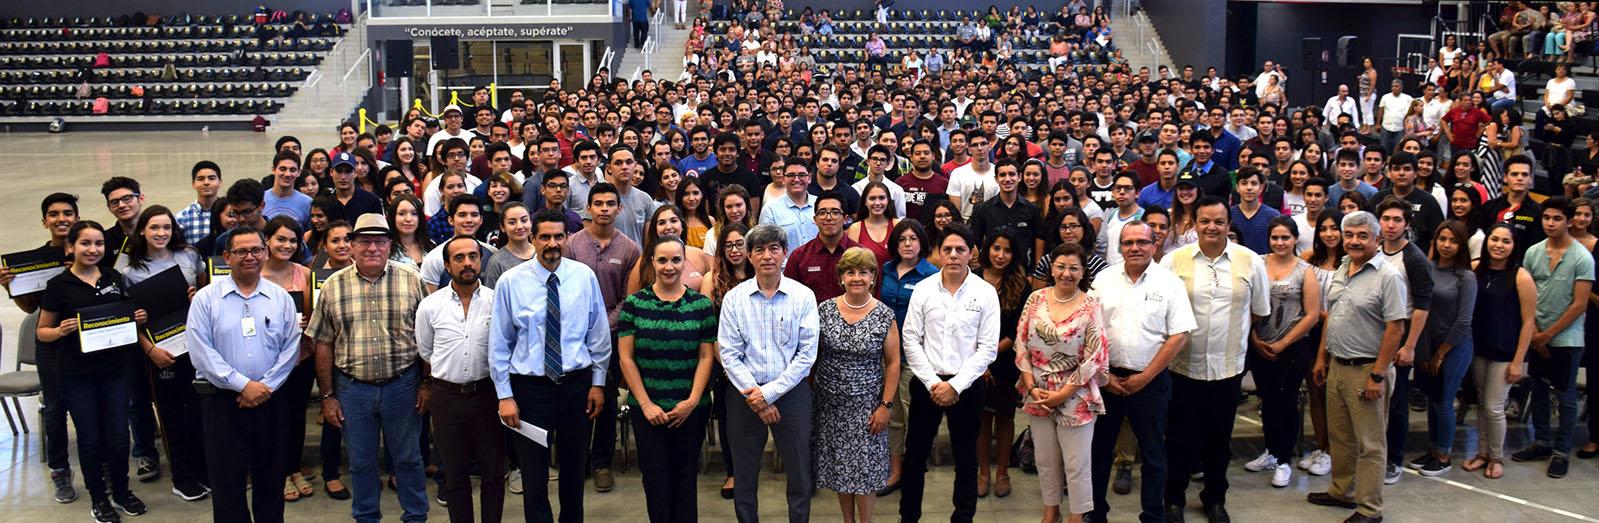 Para CETYS Universidad el compromiso con la educación es constante.